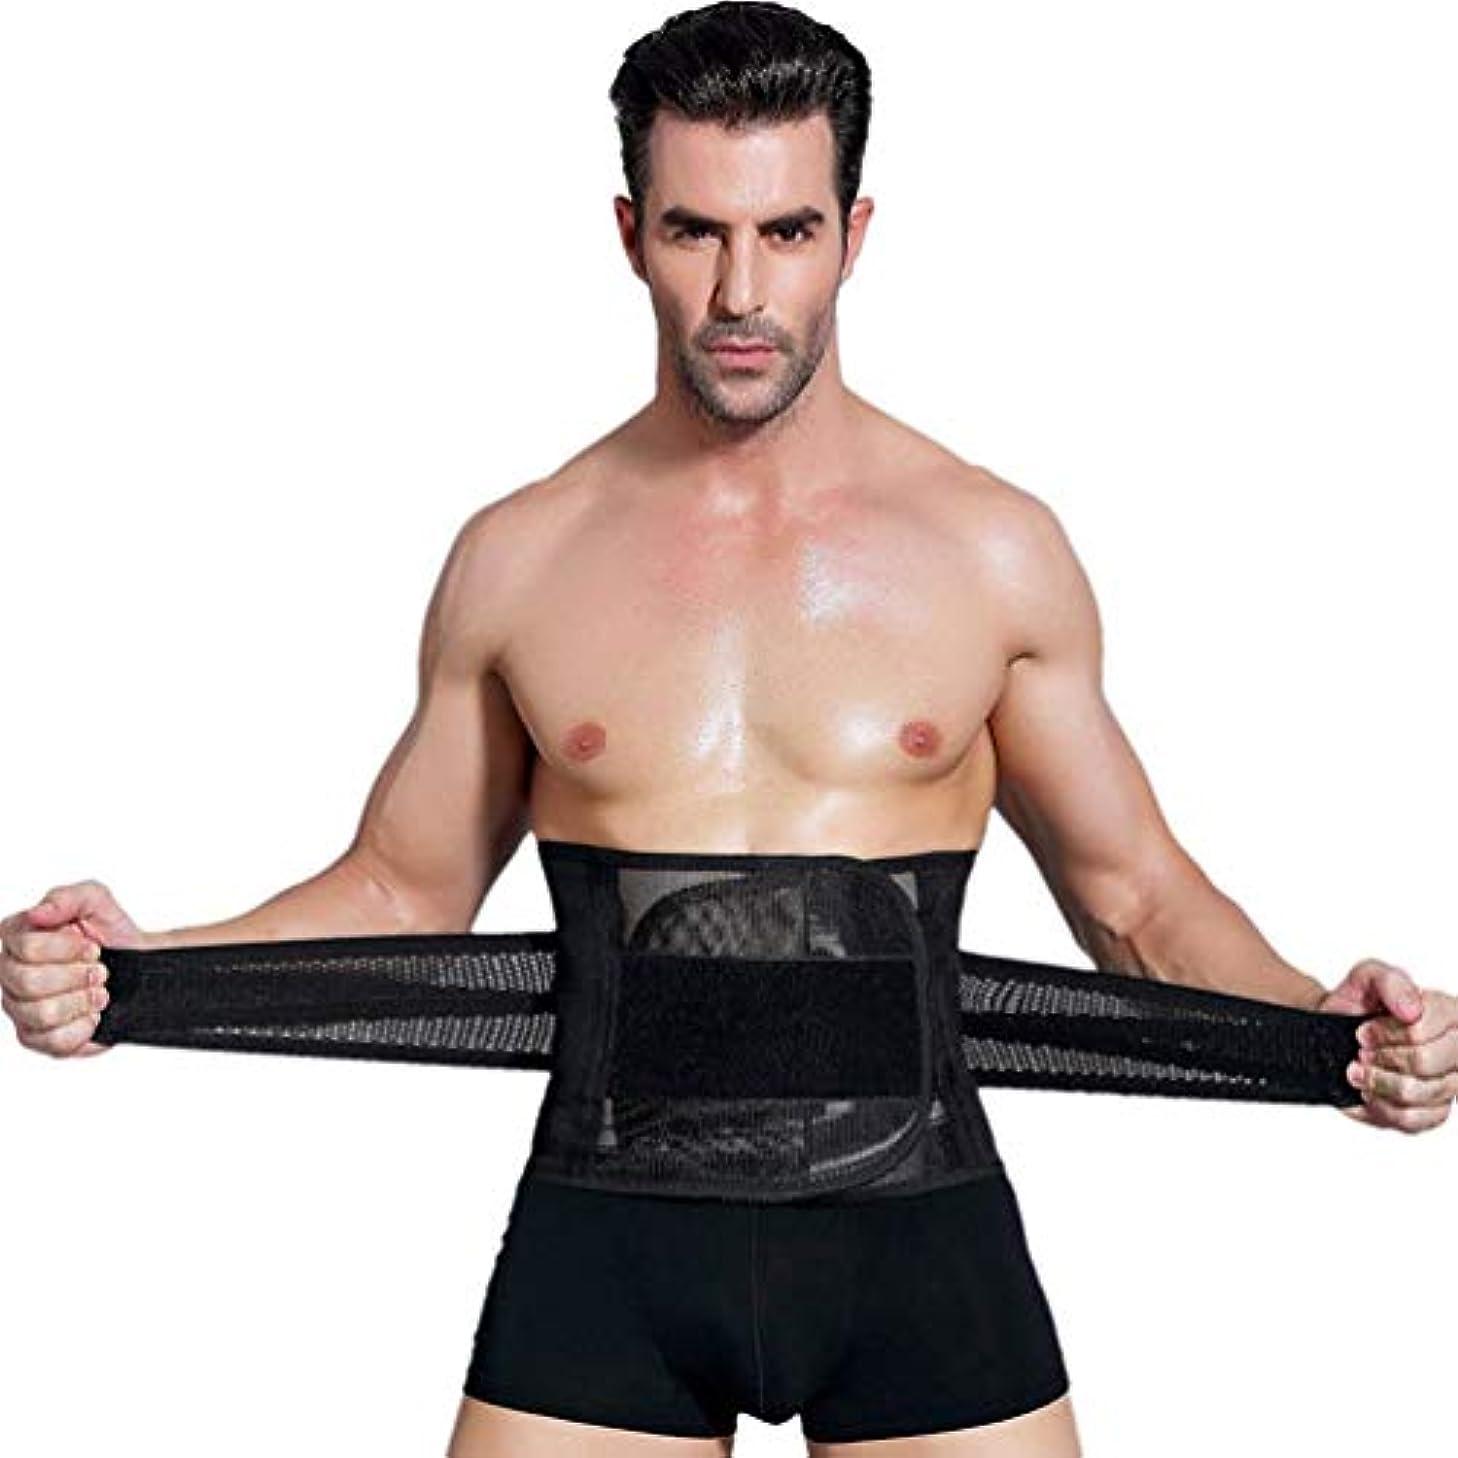 グロー疲れた生物学男性ボディシェイパーコルセット腹部おなかコントロールウエストトレーナーニッパー脂肪燃焼ガードル痩身腹ベルト用男性 - ブラックXXL